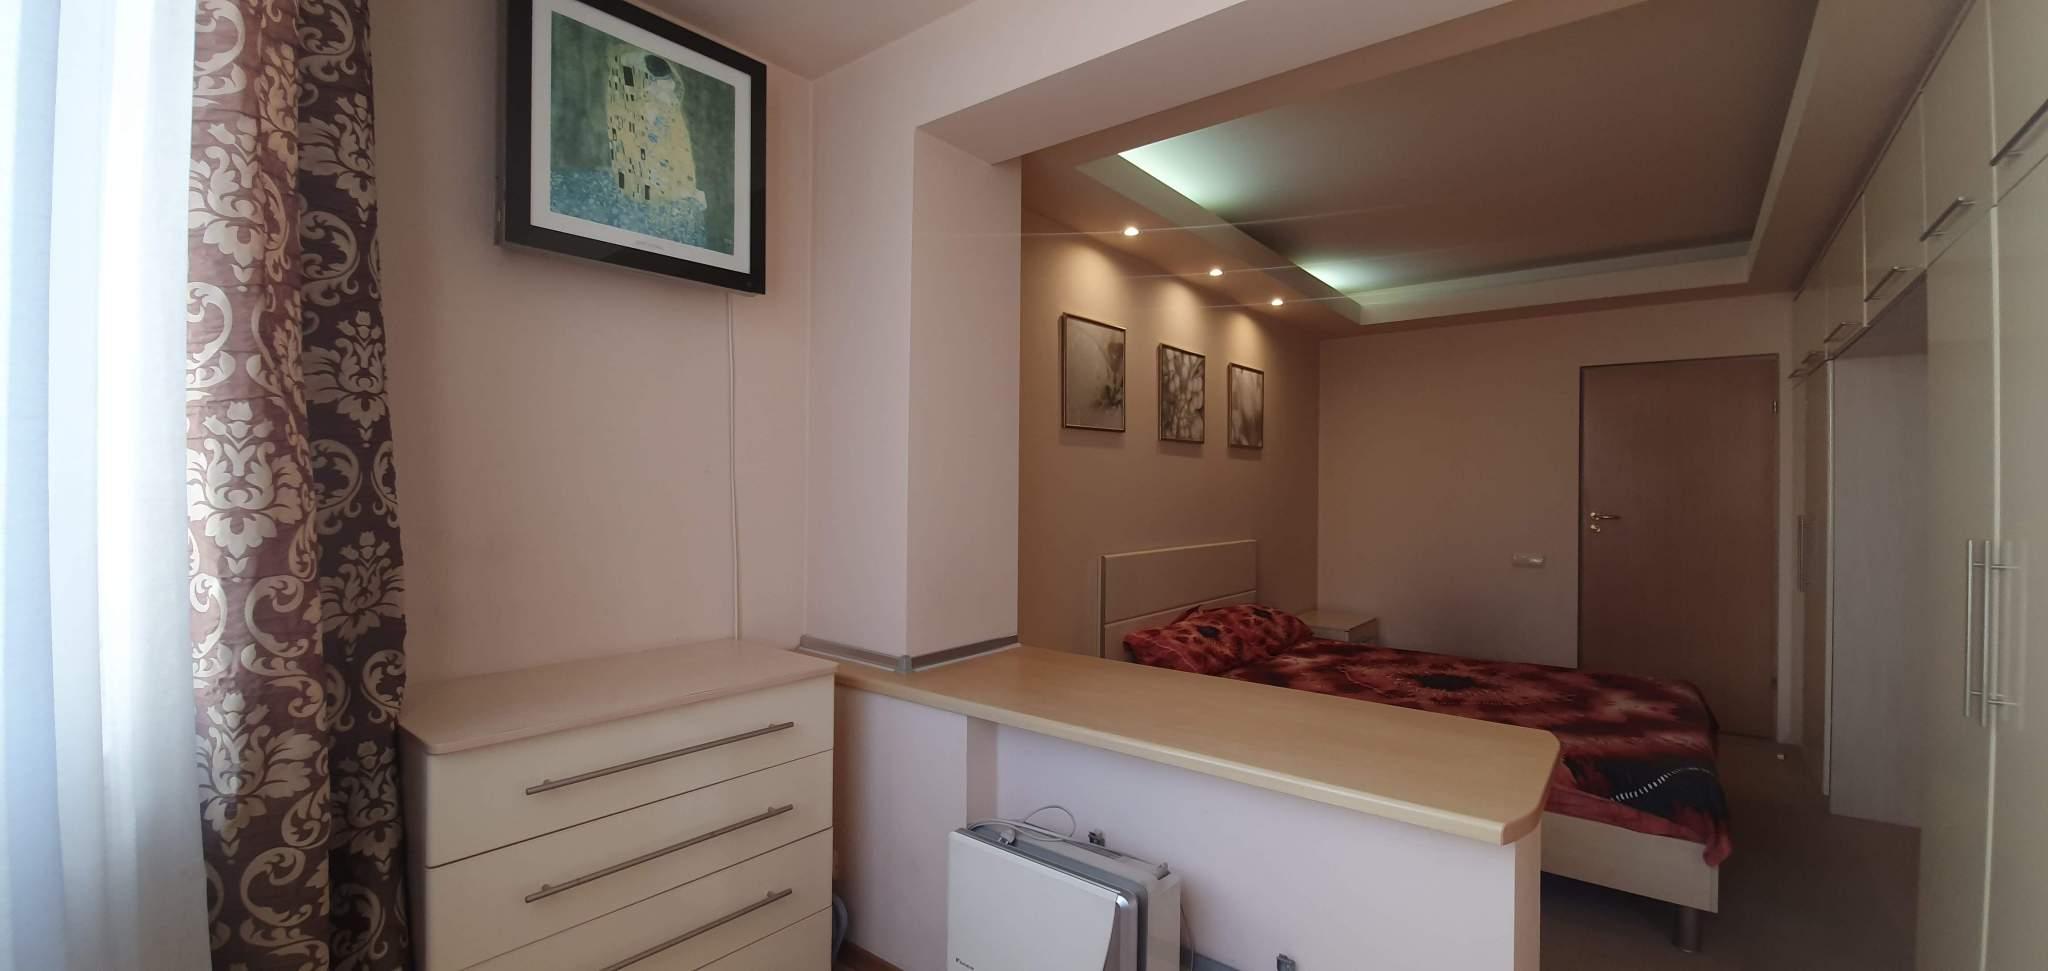 Квартира на продажу по адресу Россия, Крым, Симферополь, Победы проспект, 48